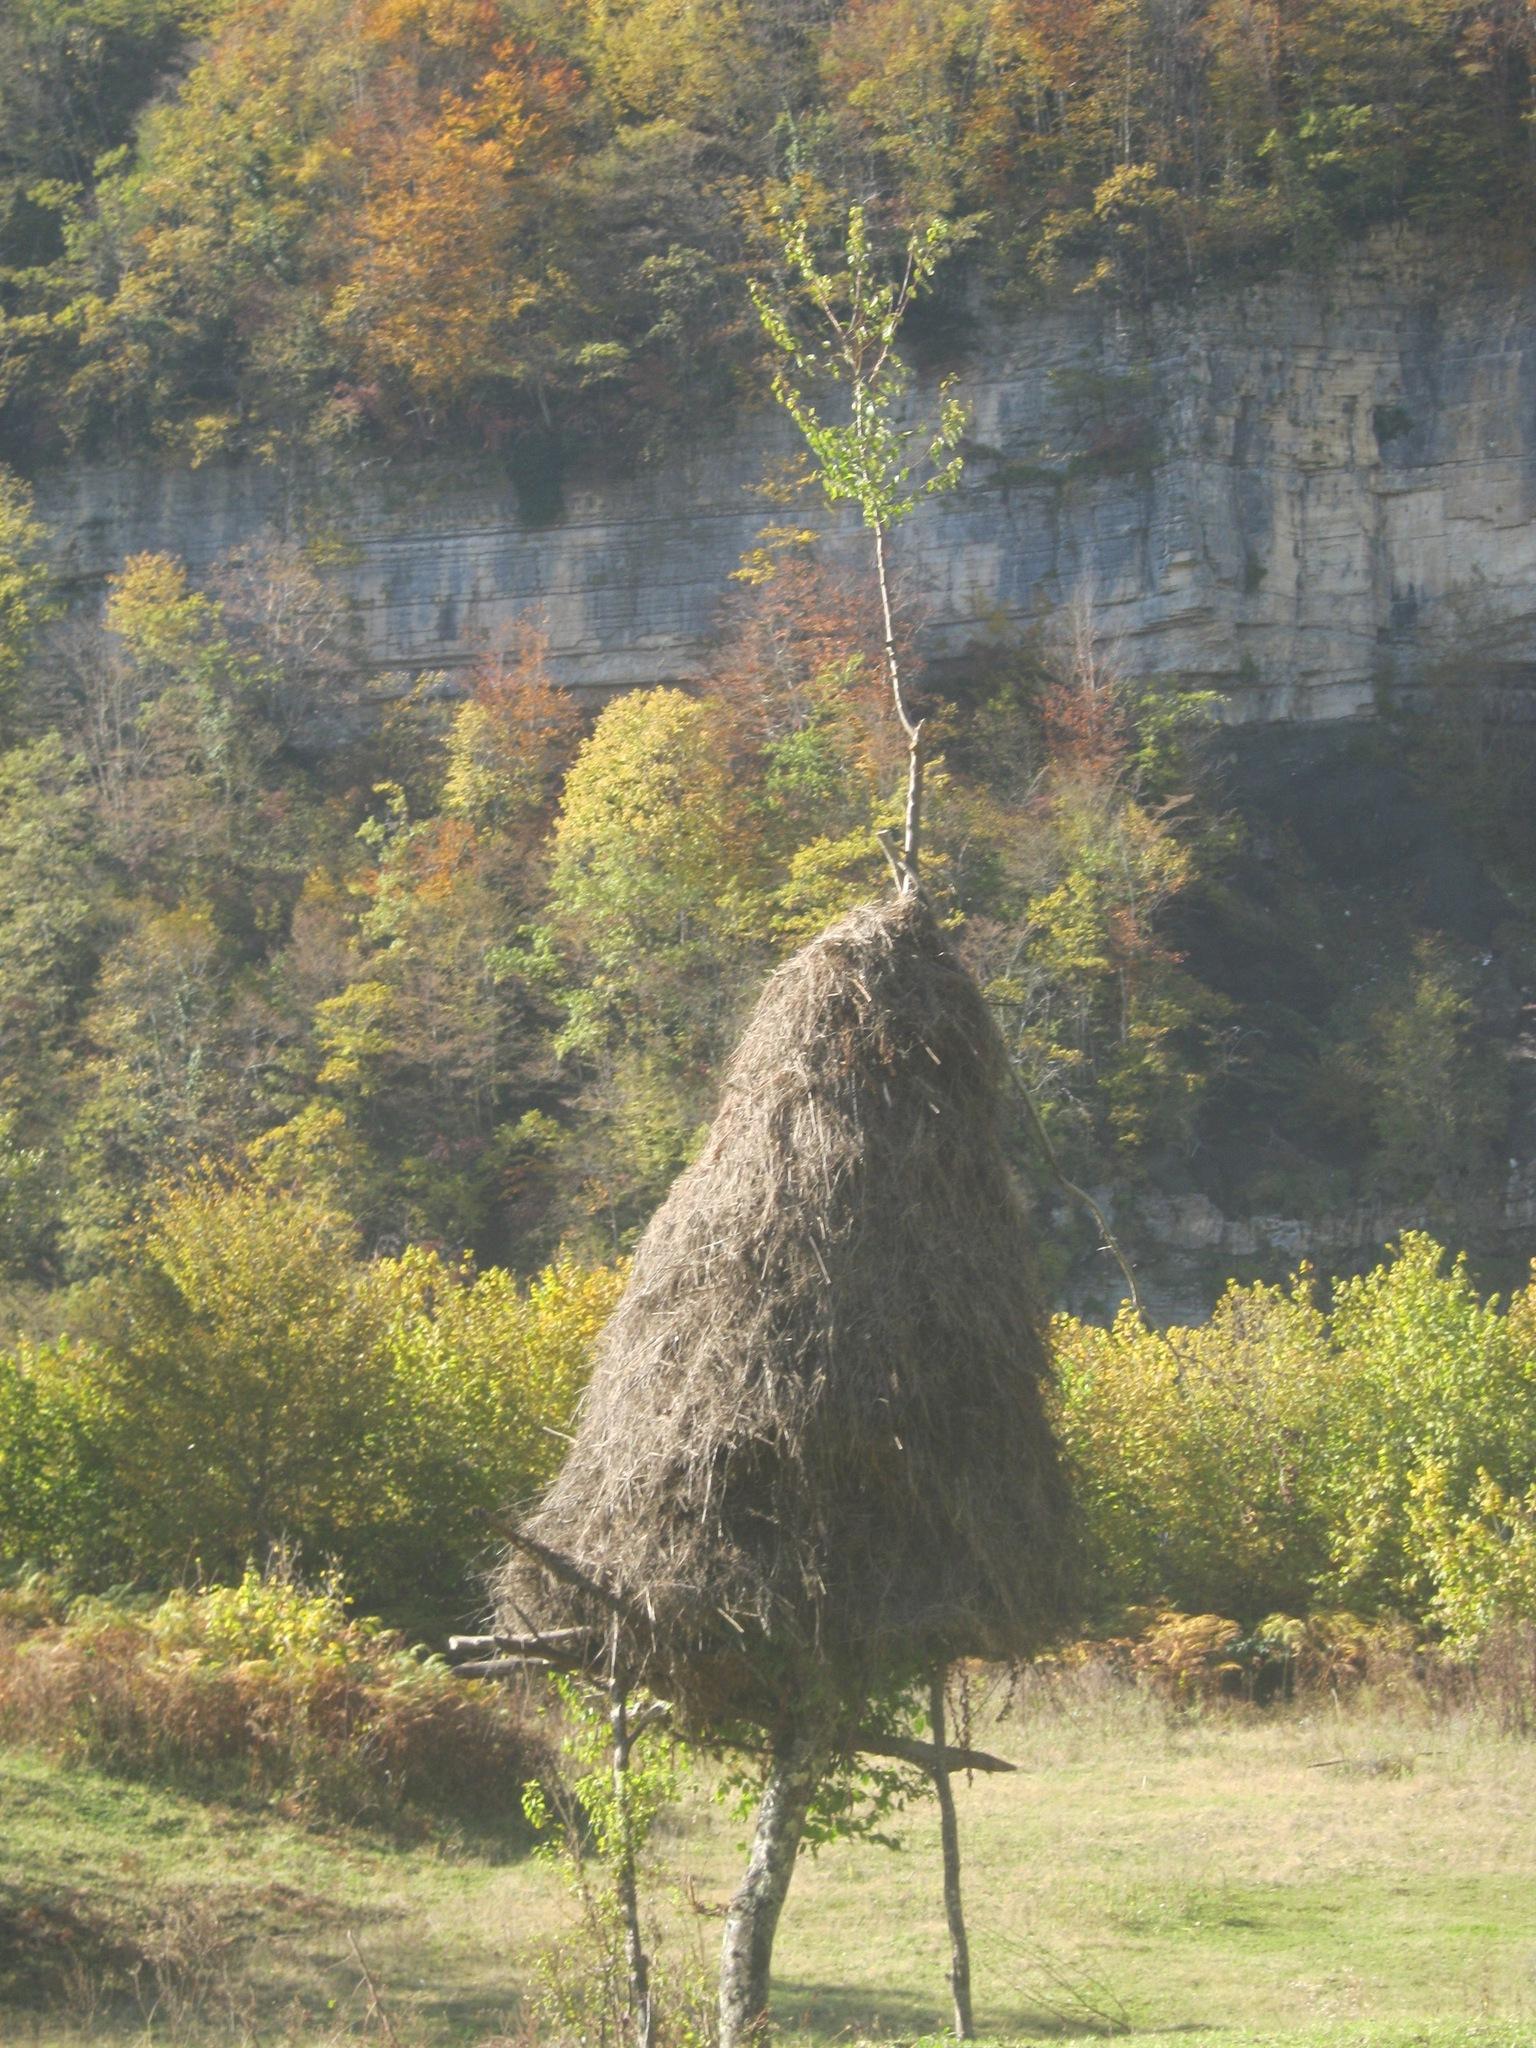 Стога сена часто подвешены на деревьях в западной Грузии